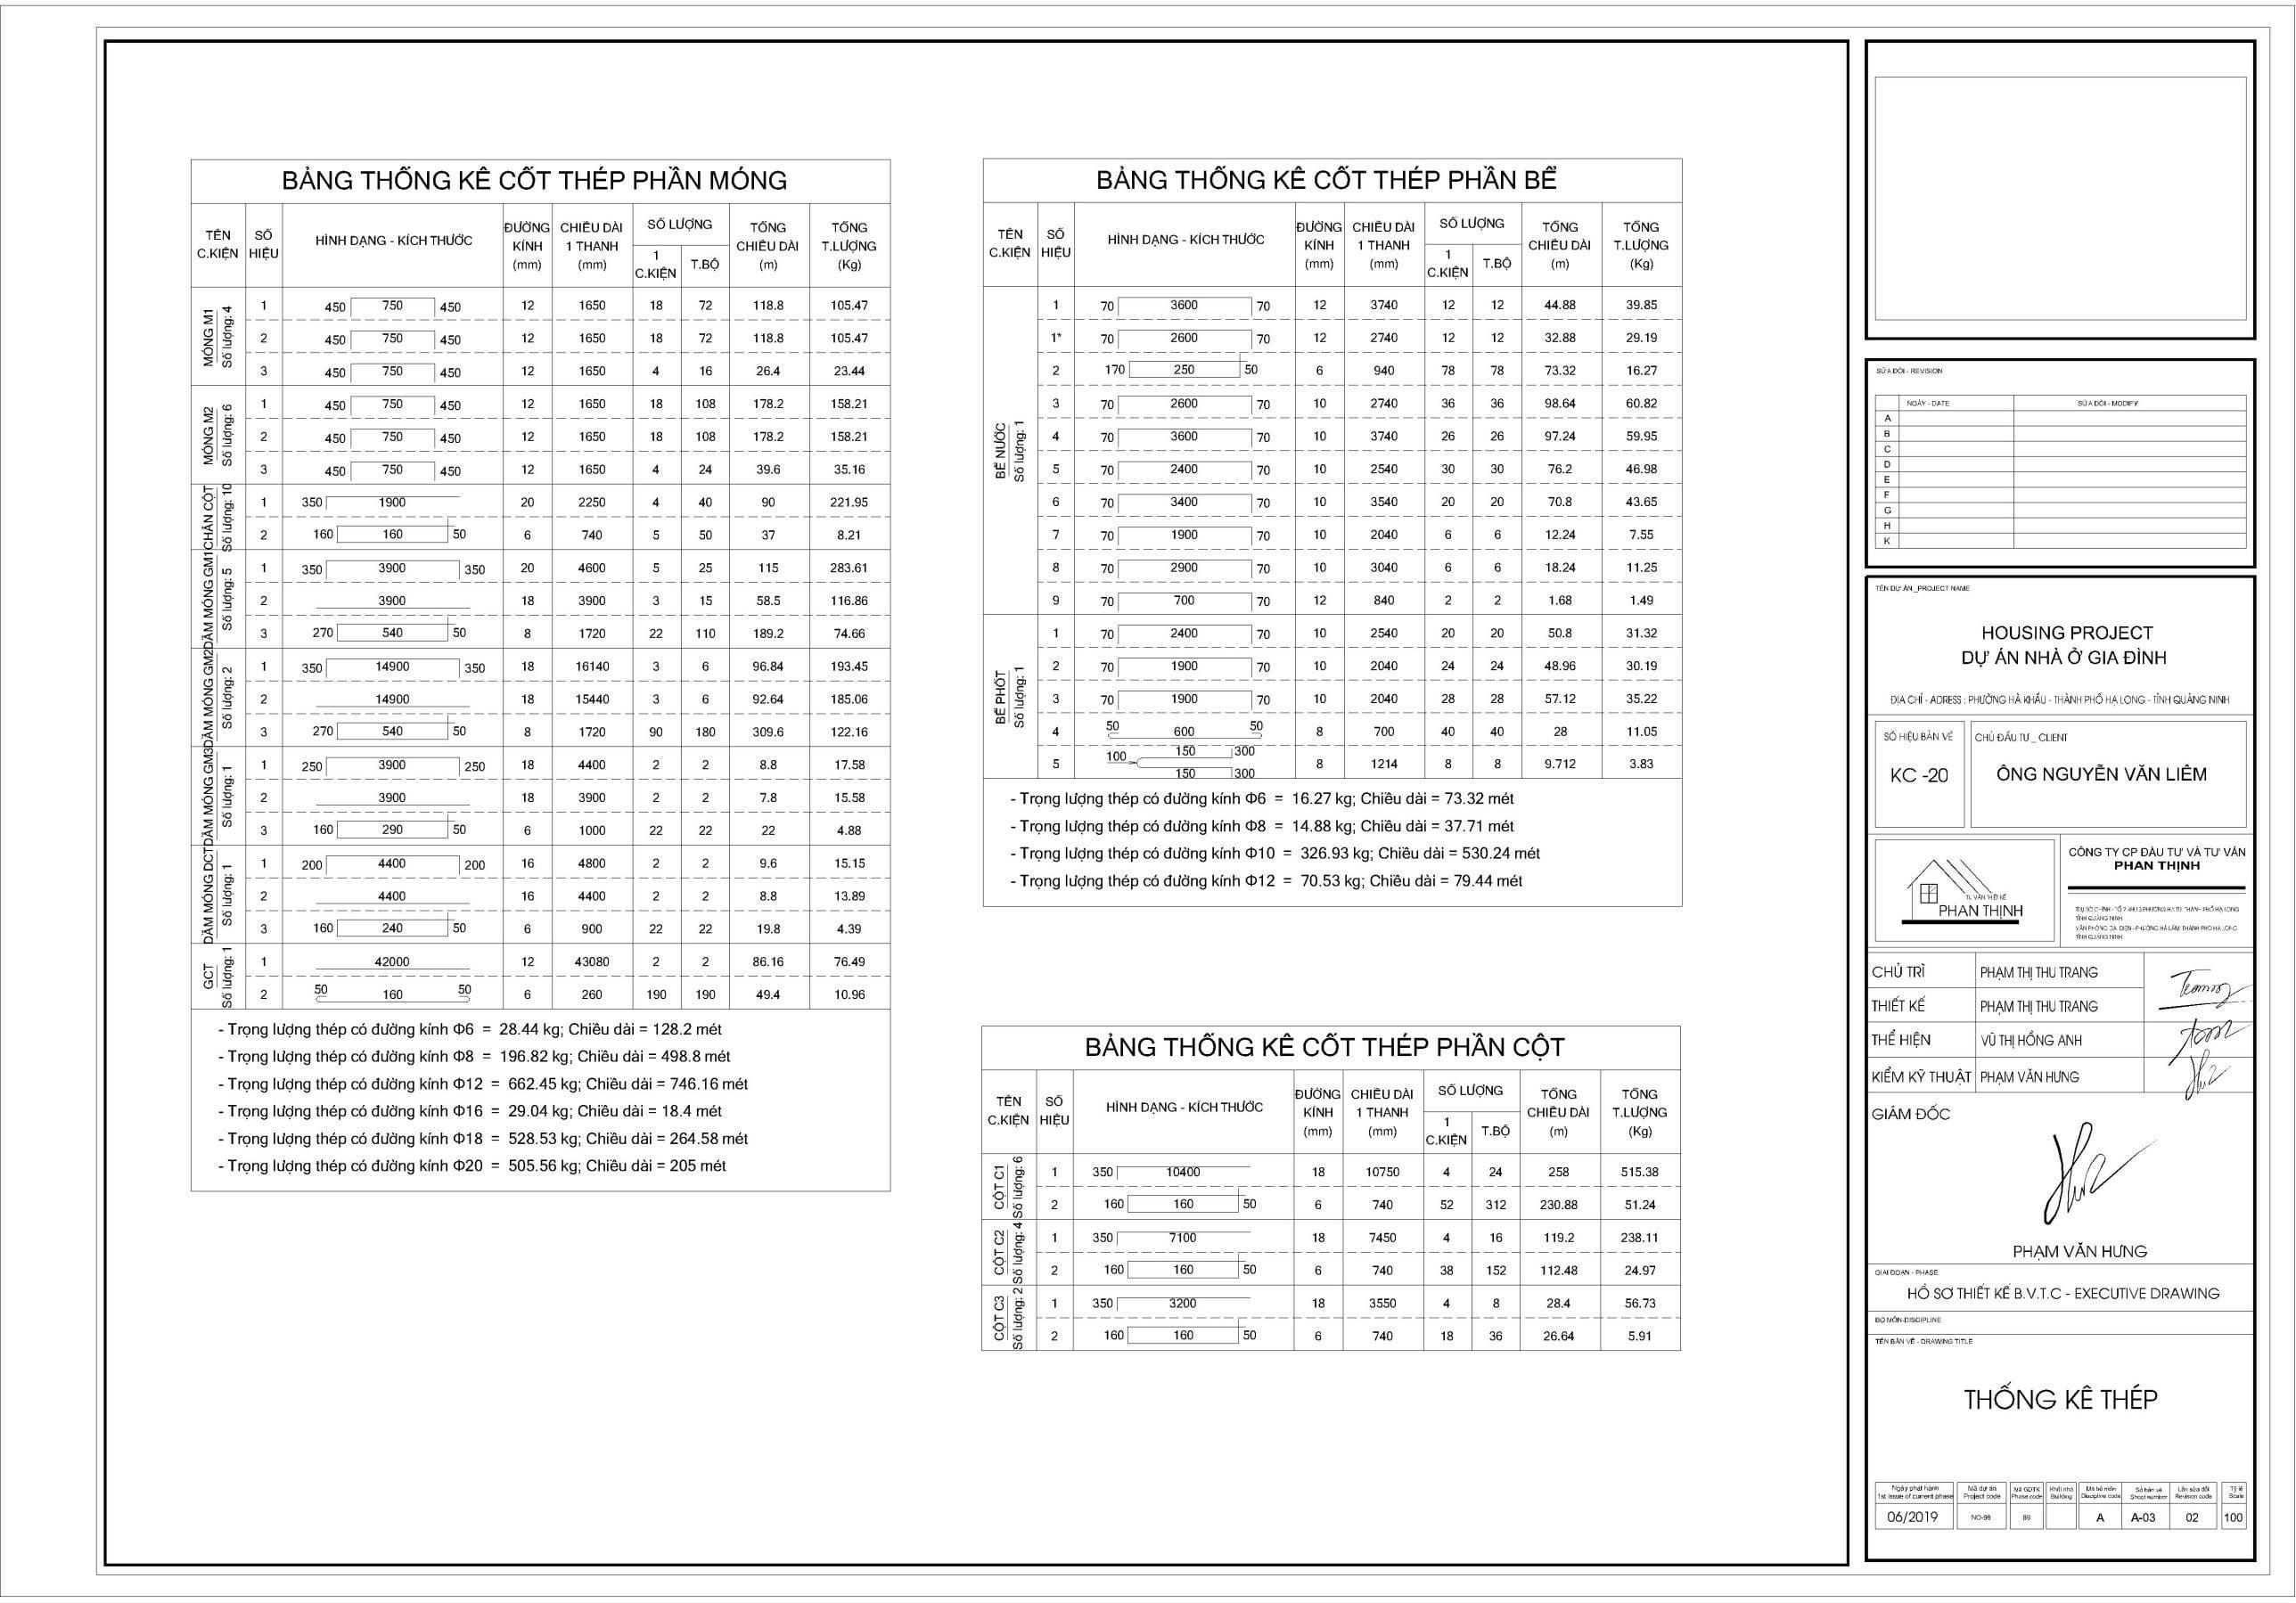 Bảng thống kê thép của căn nhà